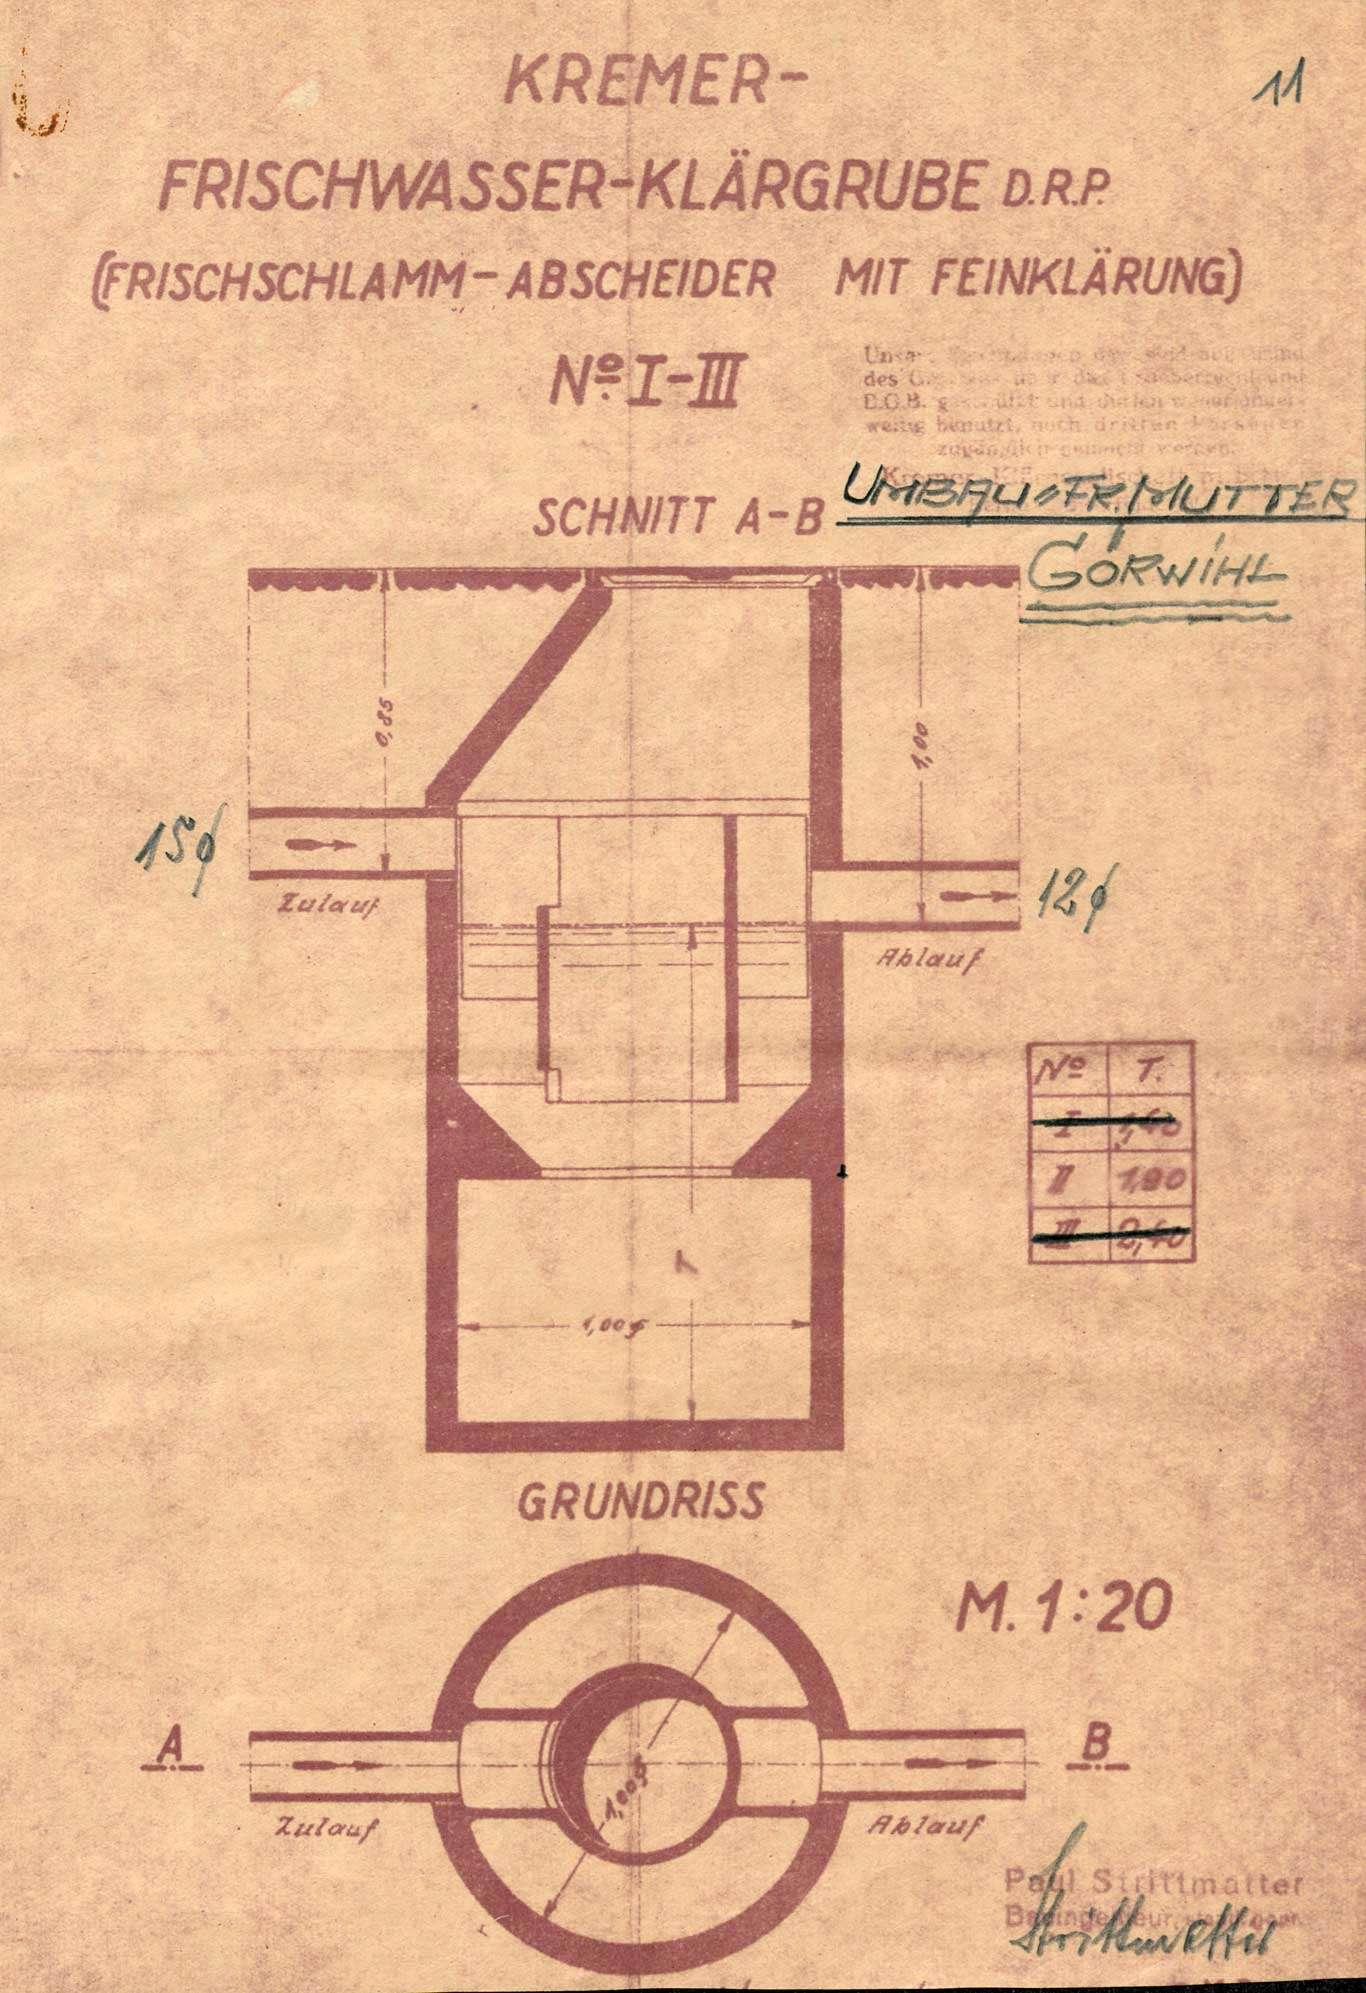 Gesuch des Kaufmanns Franz Müller in Görwihl um wasser- und baupolizeiliche Genehmigung zur Erstellung einer Kläranlage in seinem Wohnhaus sowie deren Betrieb, Bild 3